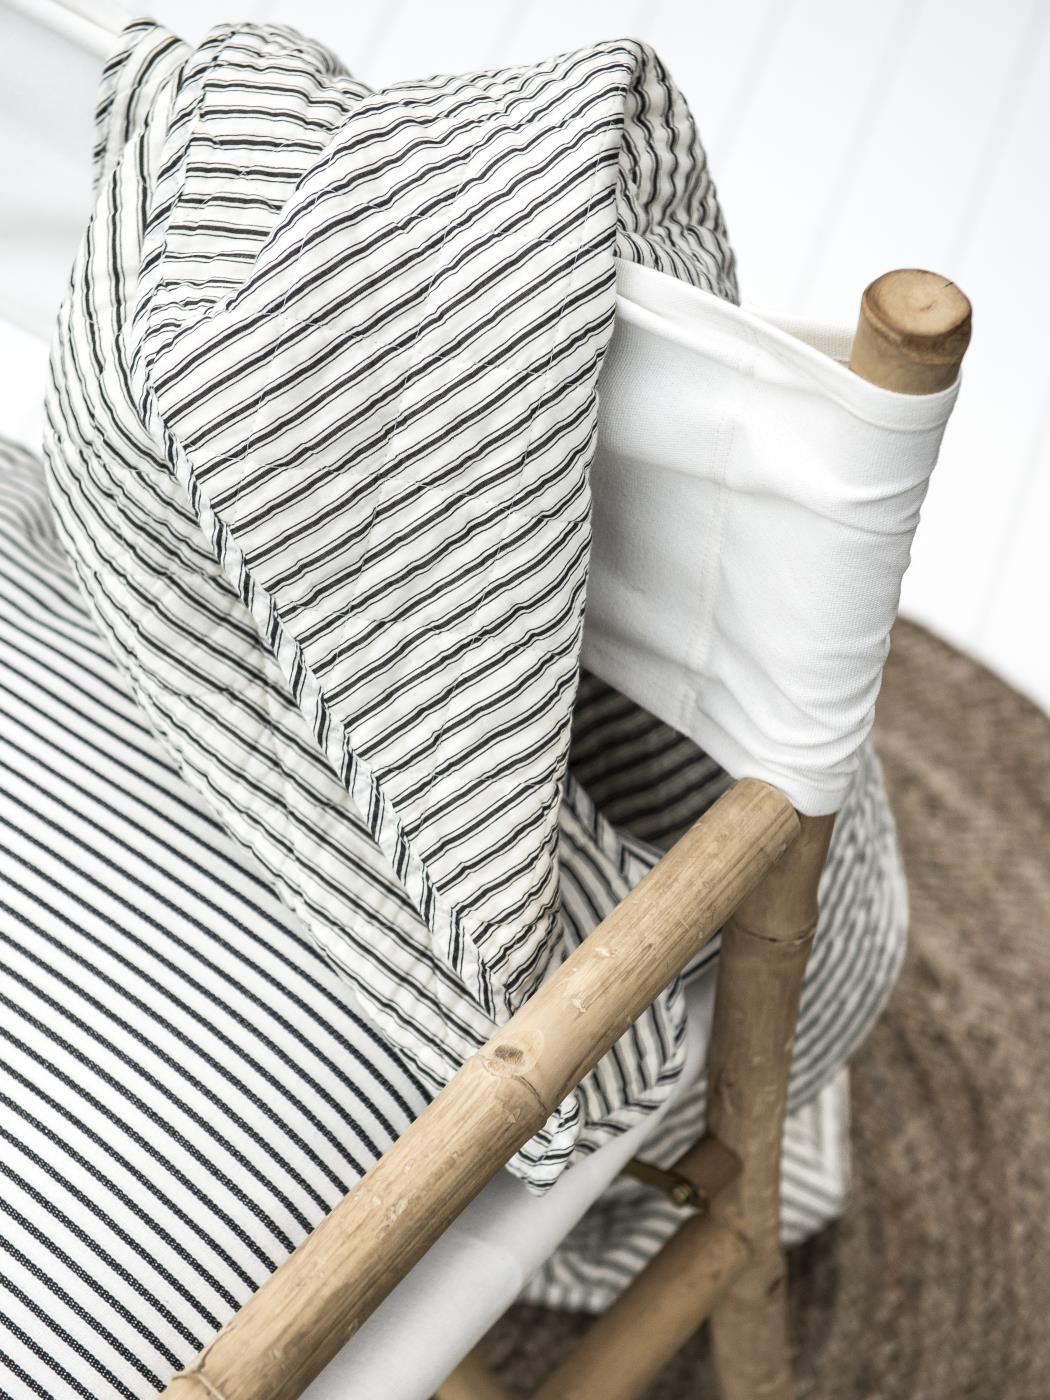 Quilt schwarz/weiss gestreift - Ib Laursen